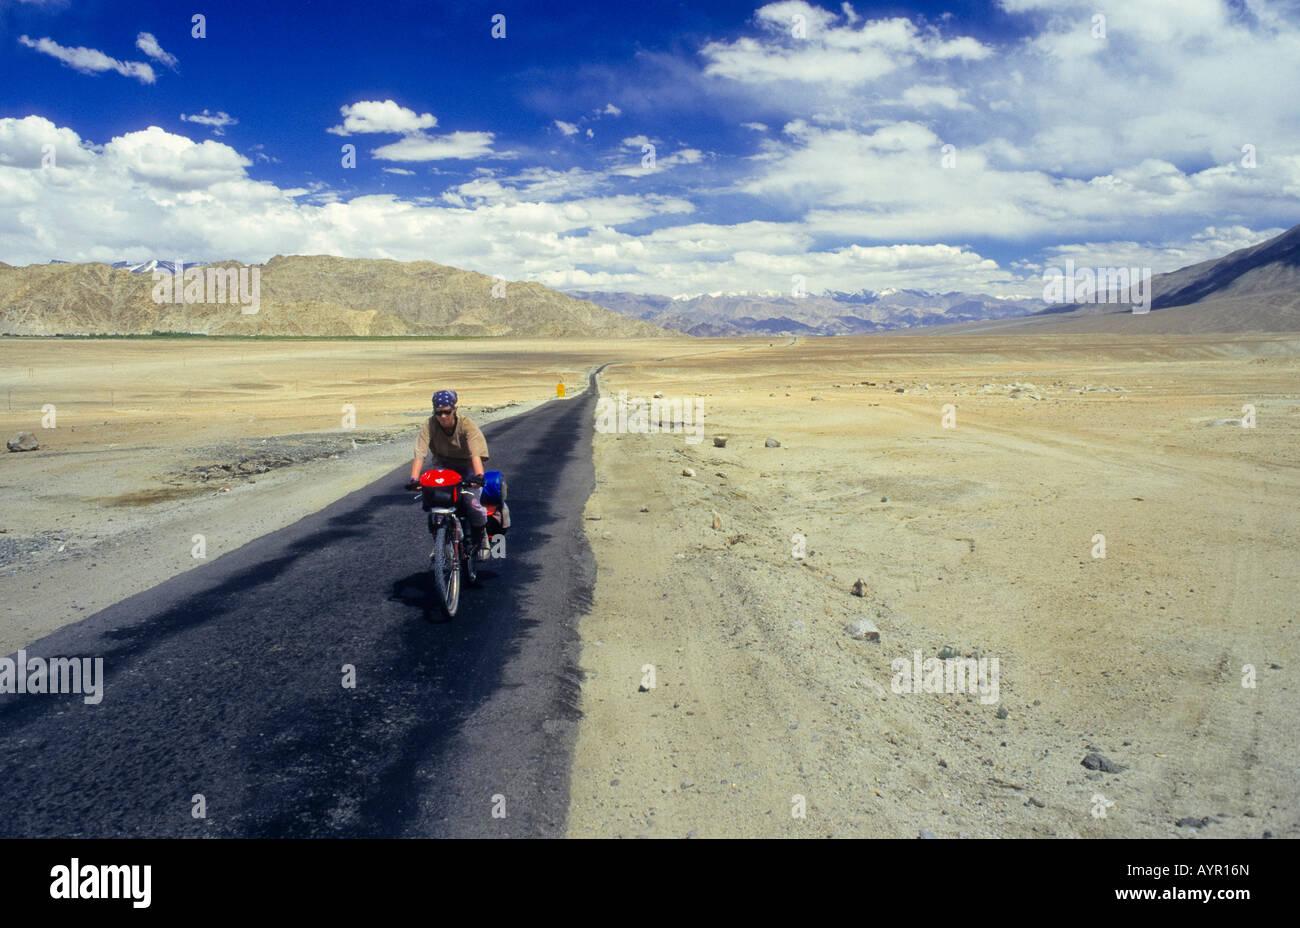 Ciclista vistiendo mantilla montando bicicleta completamente cargado abajo de un solo tramo de autopista del desierto, Imagen De Stock